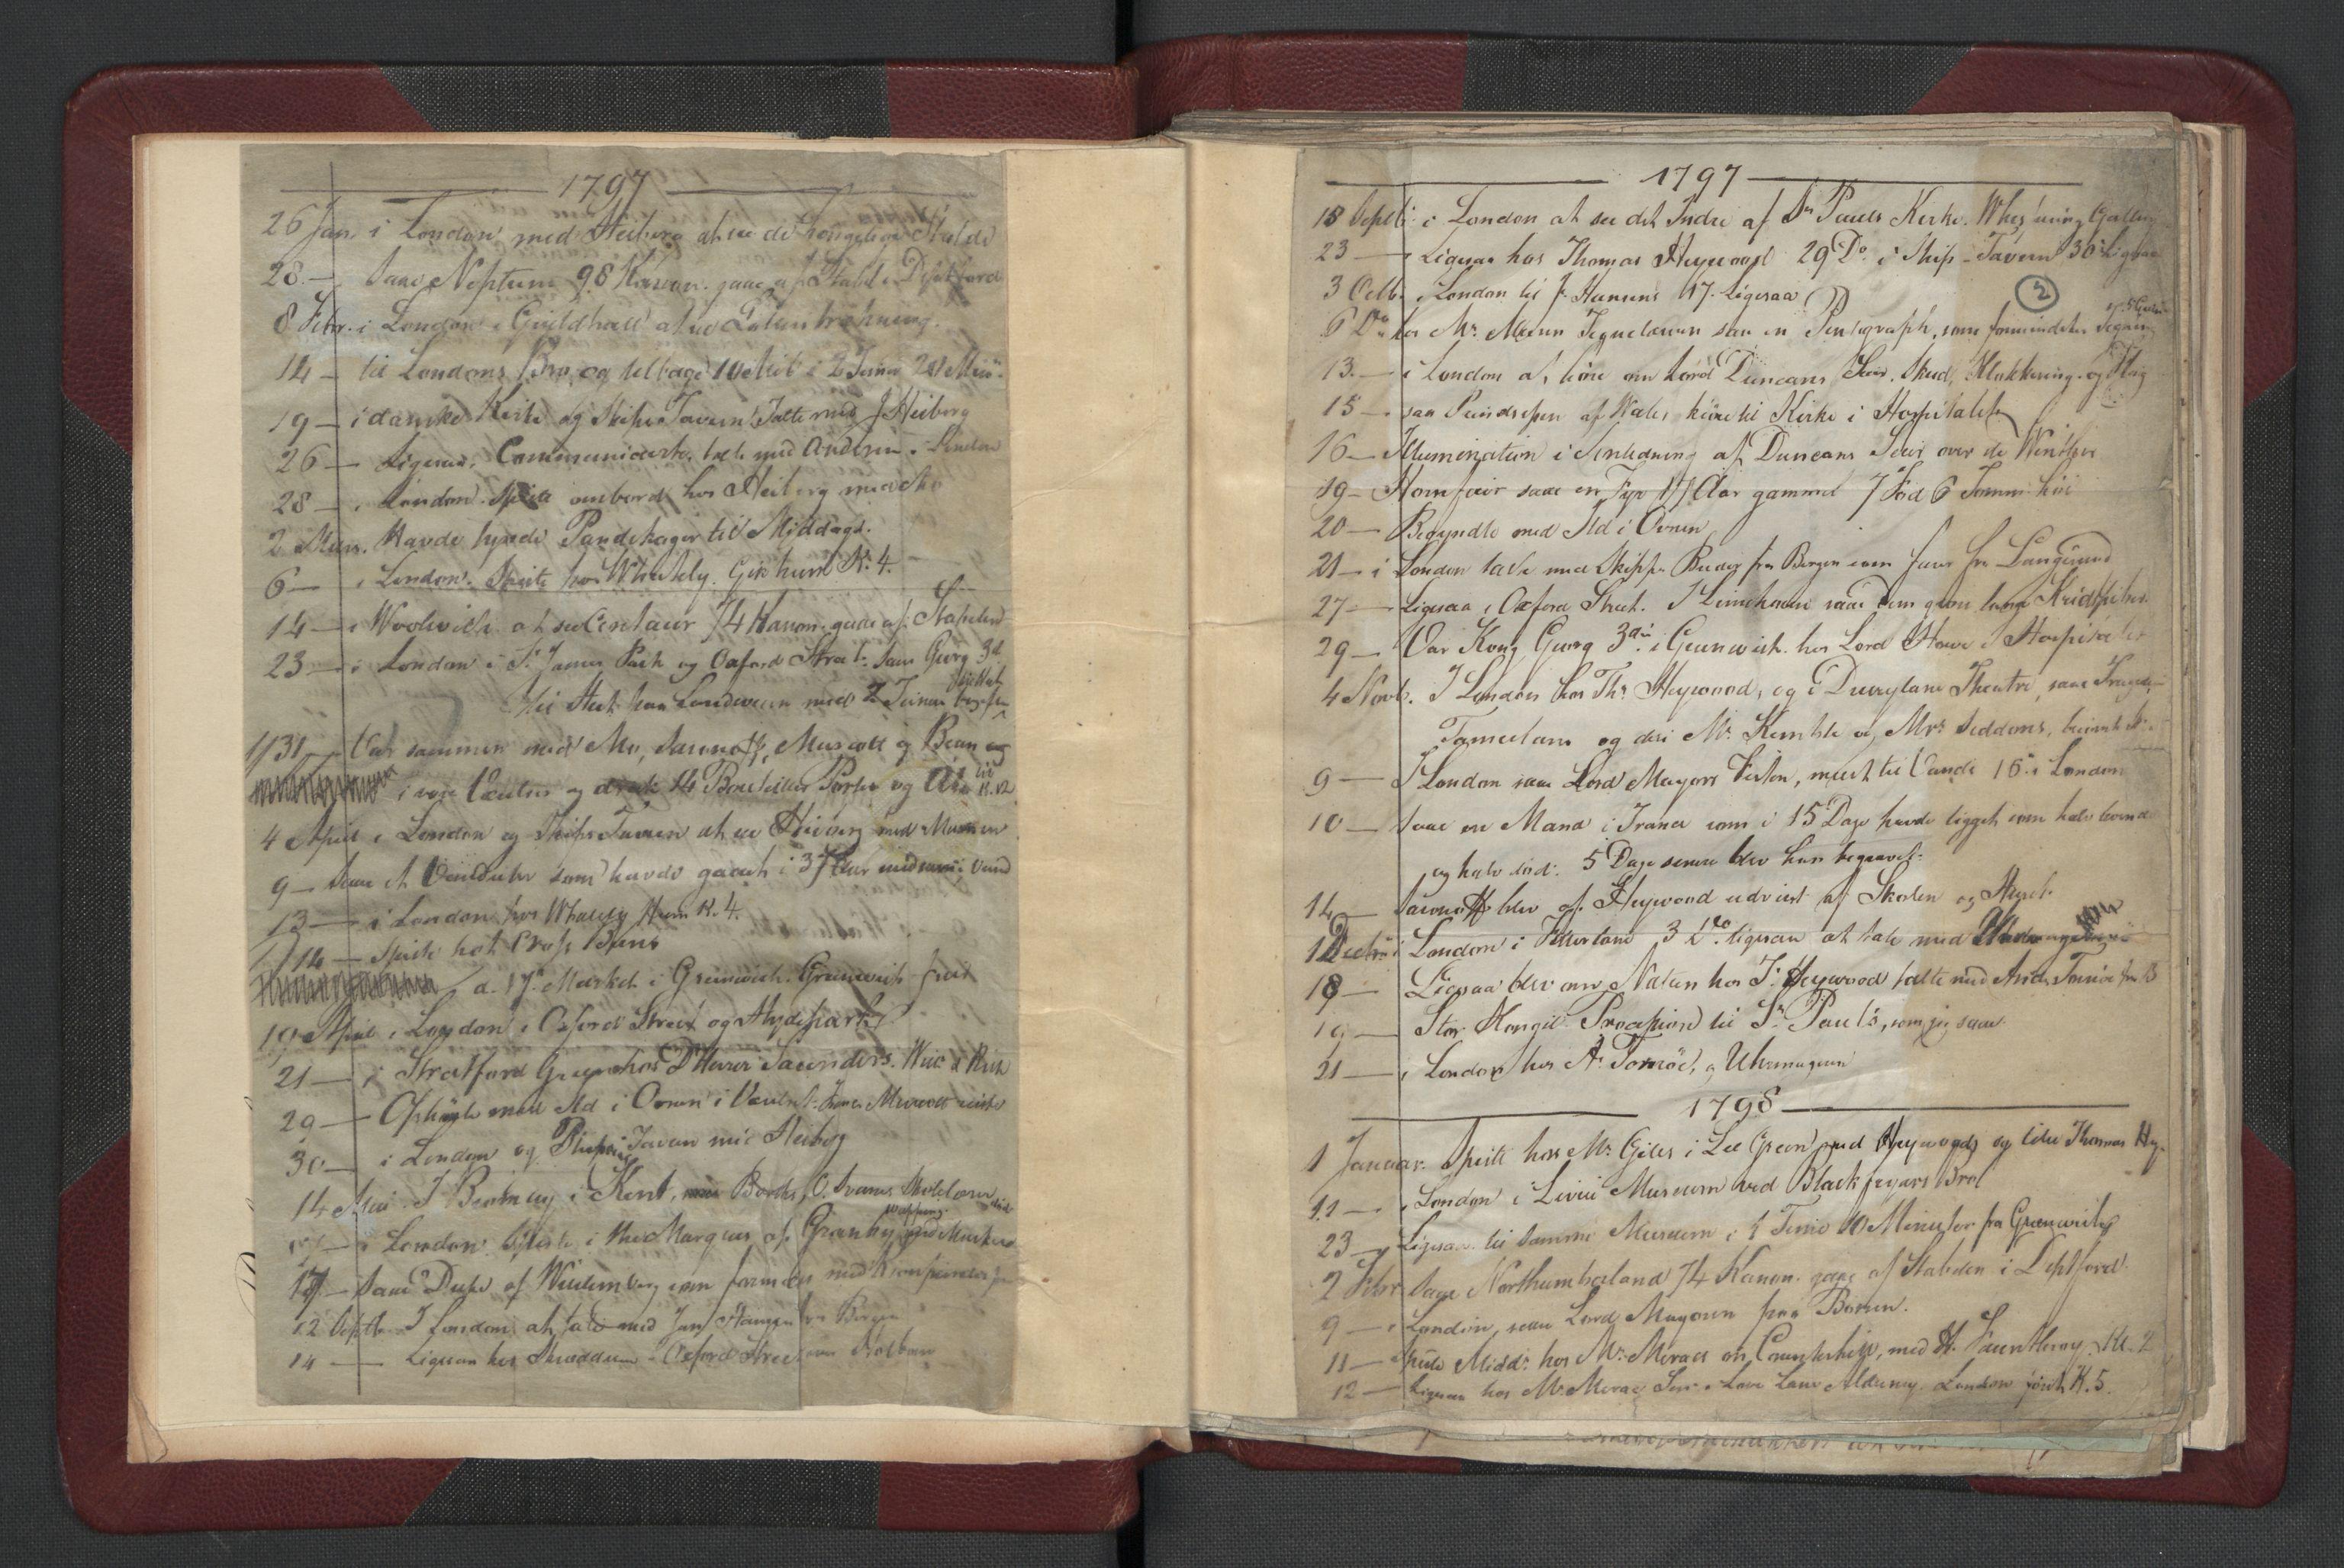 RA, Meltzer, Fredrik, F/L0002: Dagbok, 1796-1808, s. 1b-2a